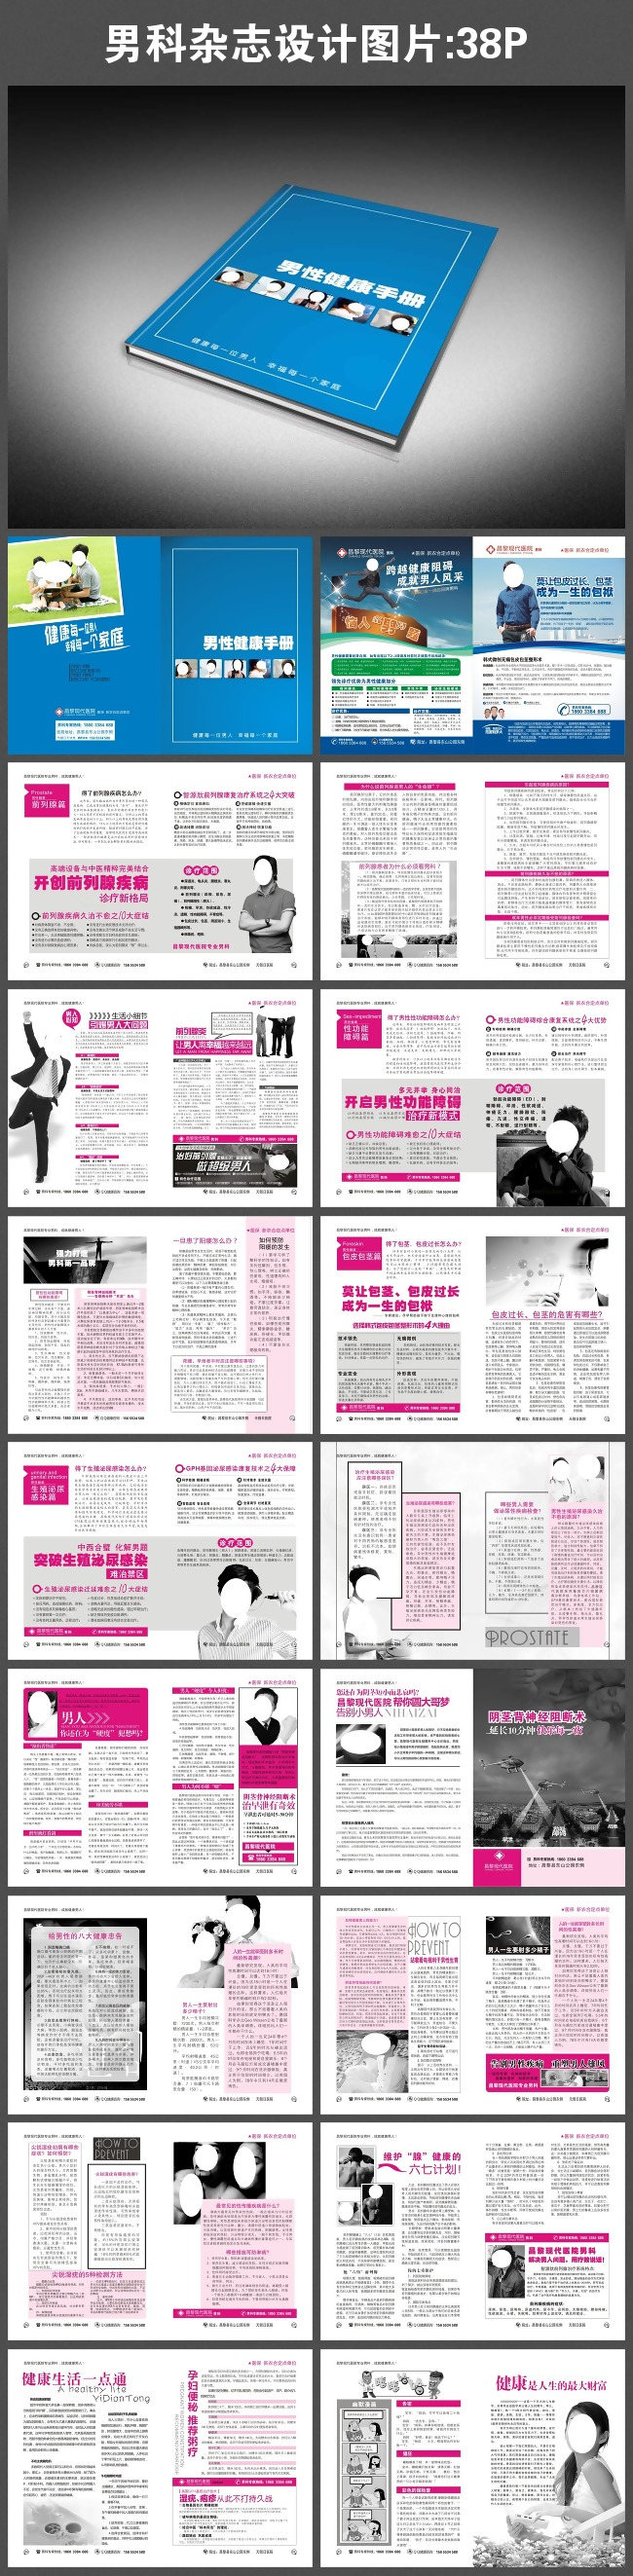 男科杂志设计图片